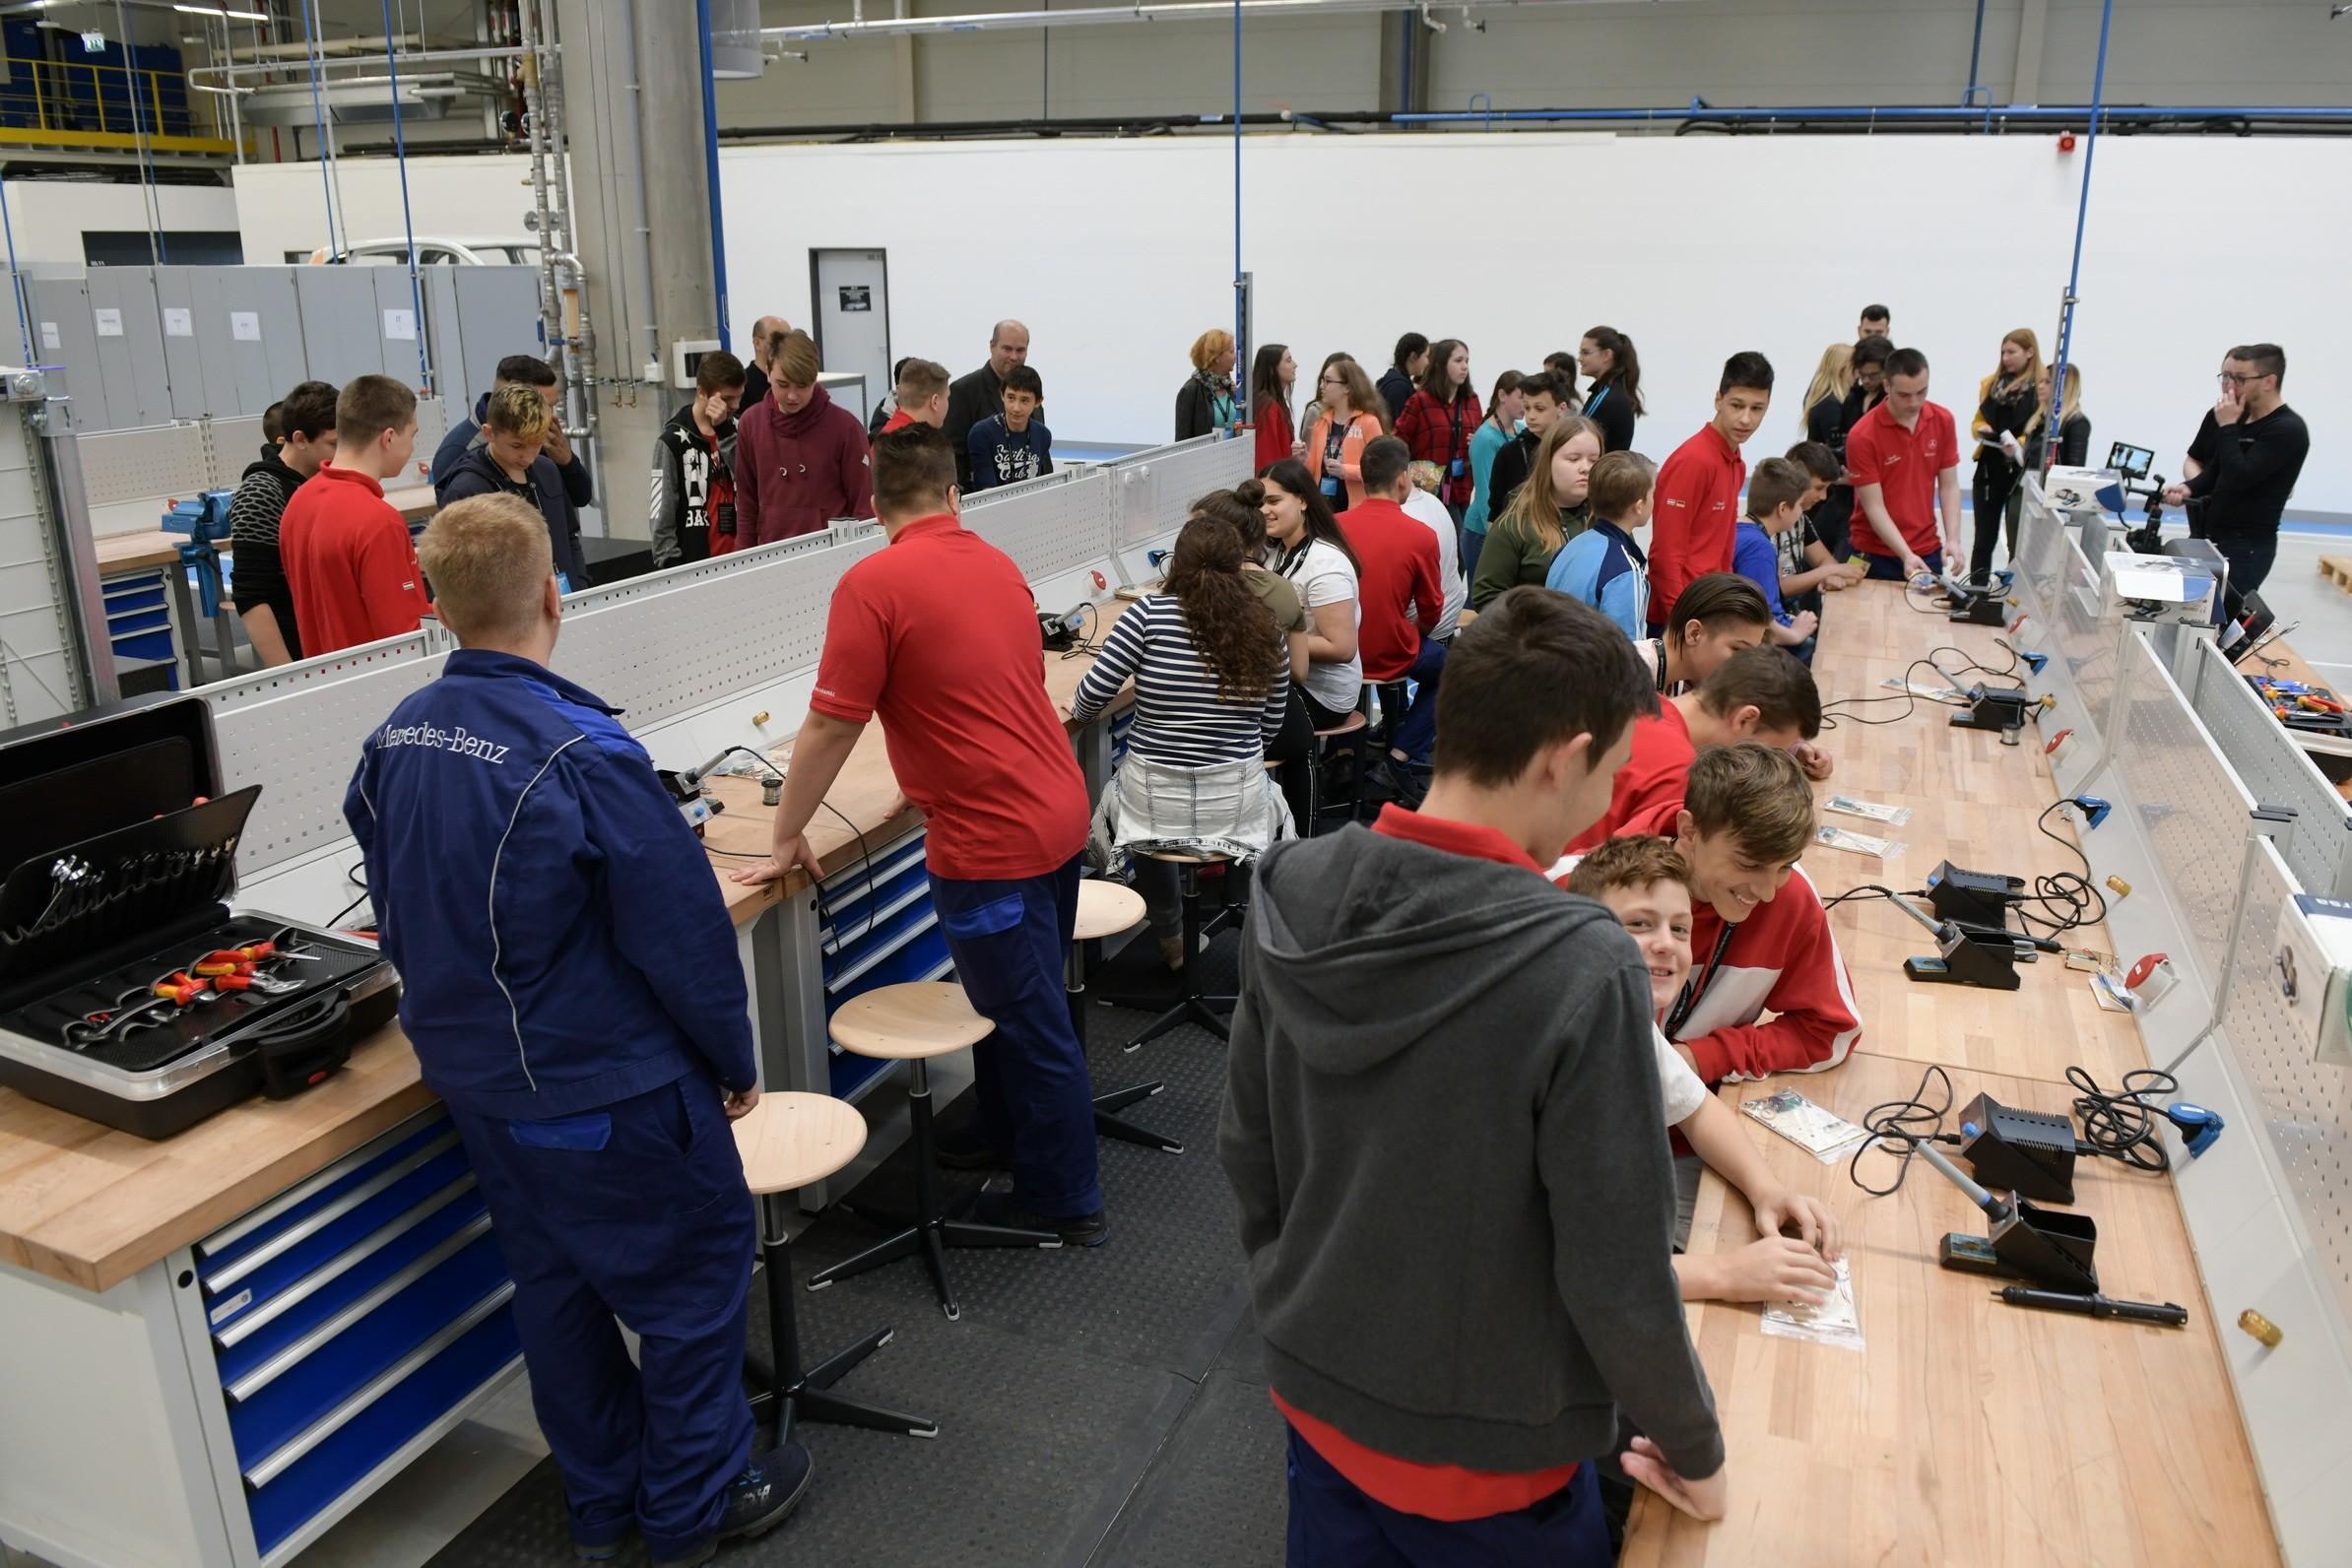 Pályaválasztás előtt álló tanulóknak mutatott be szakmákat a kecskeméti Mercedes-Benz gyár